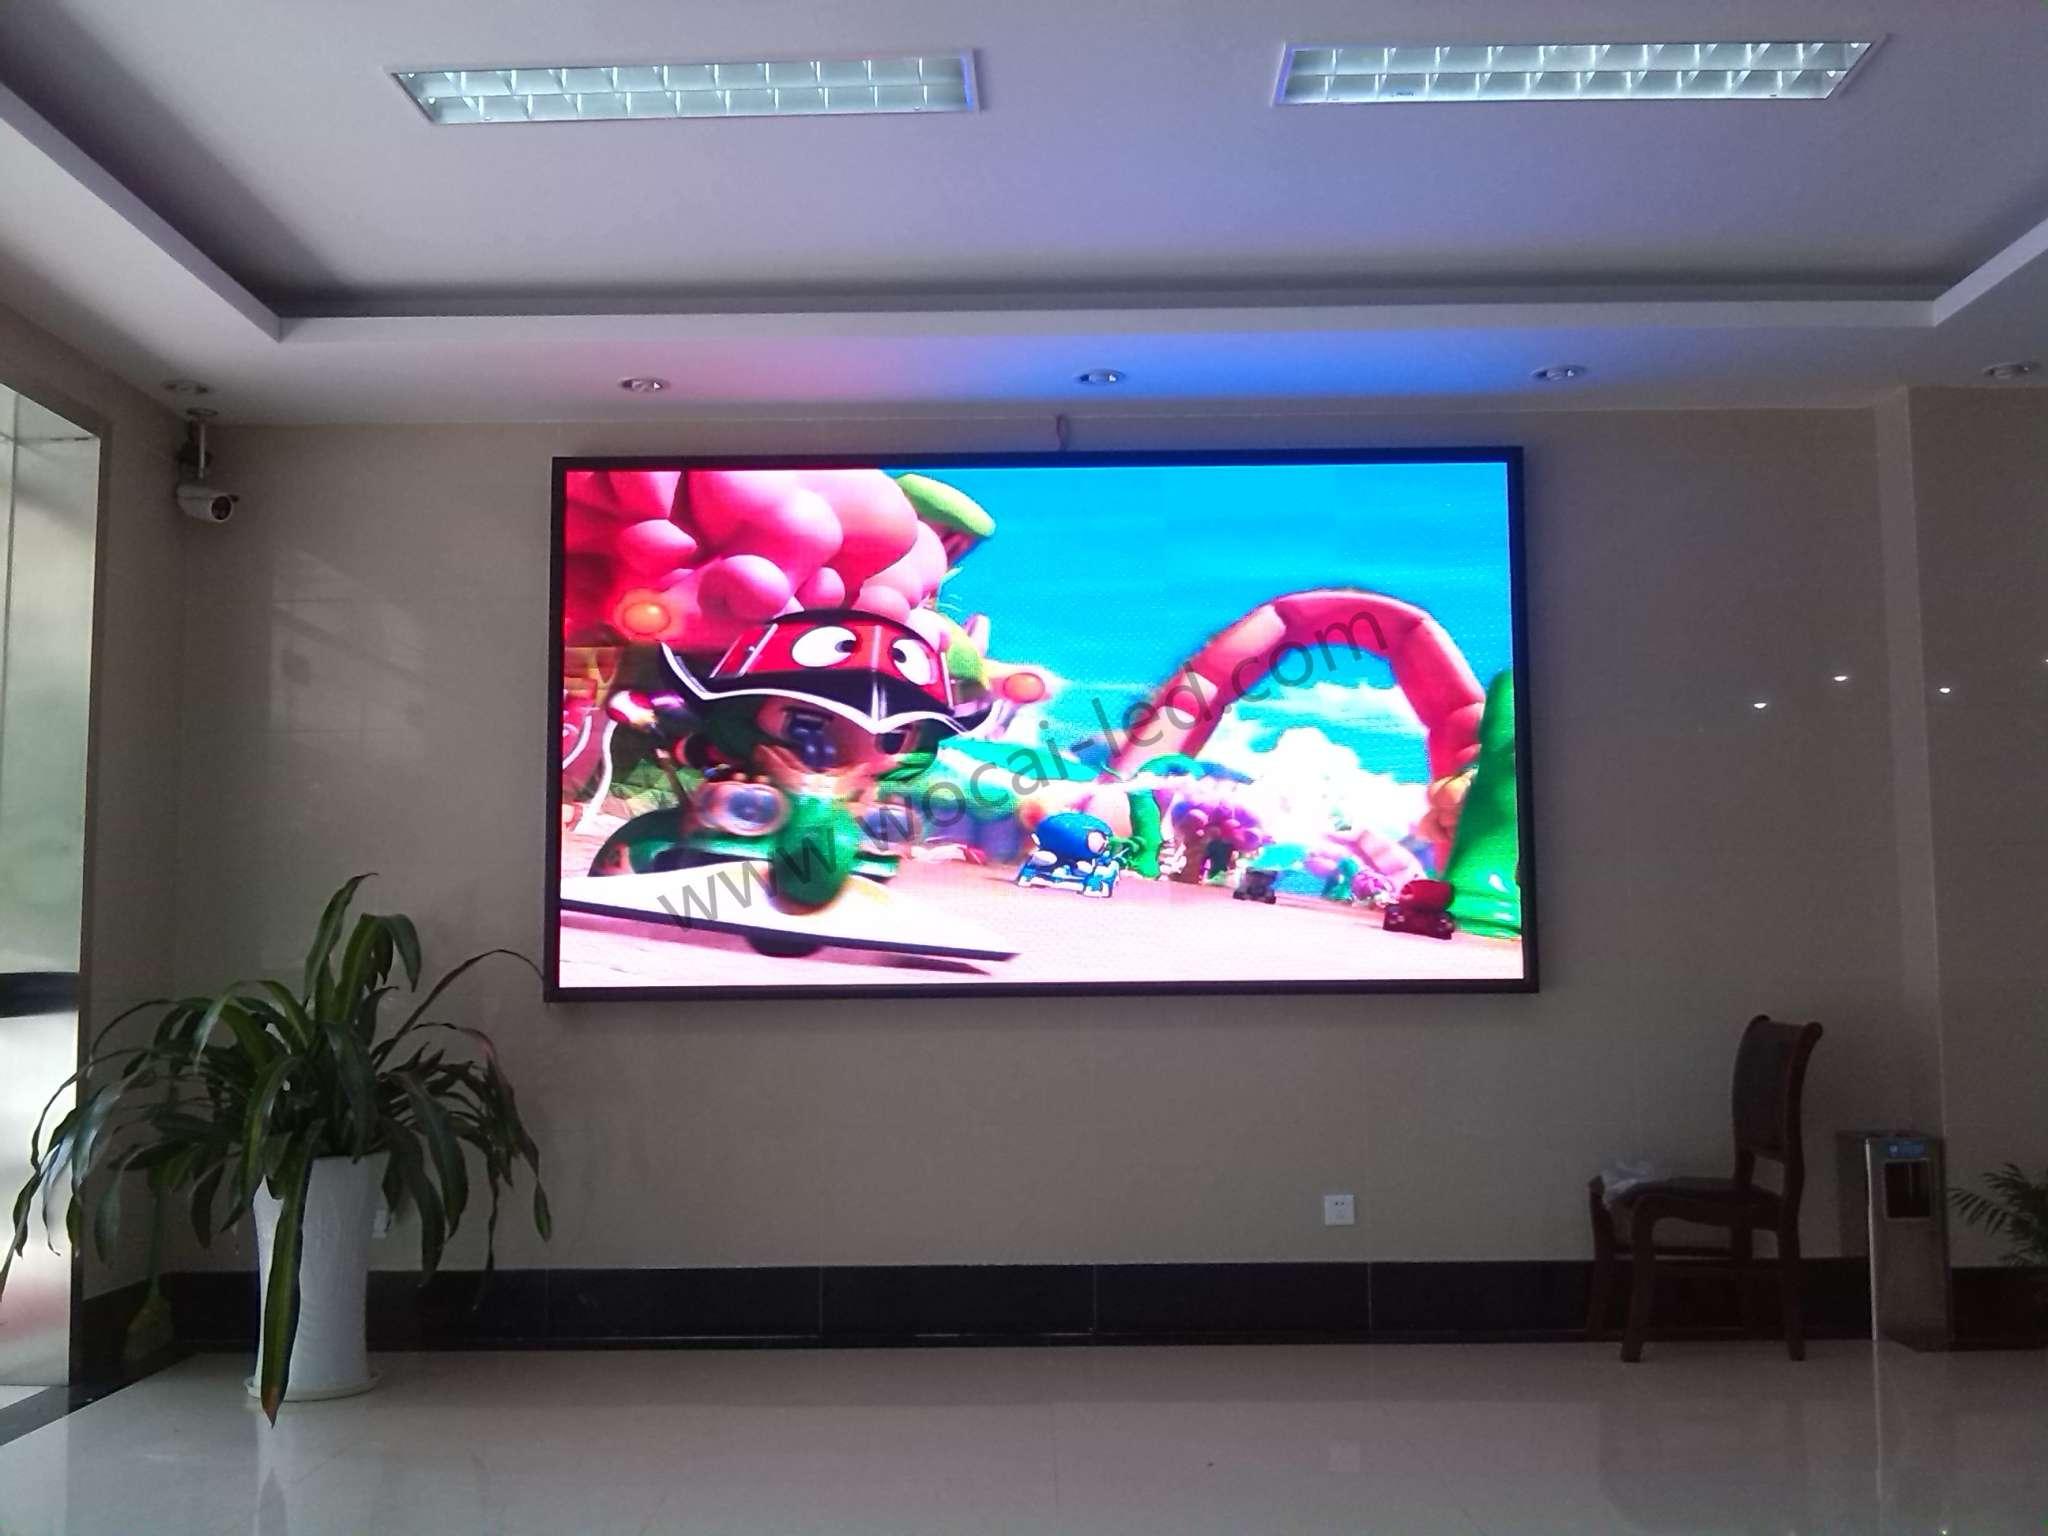 南京玄武区司法局p4全彩显示屏 - 南京led厂家,南京屏